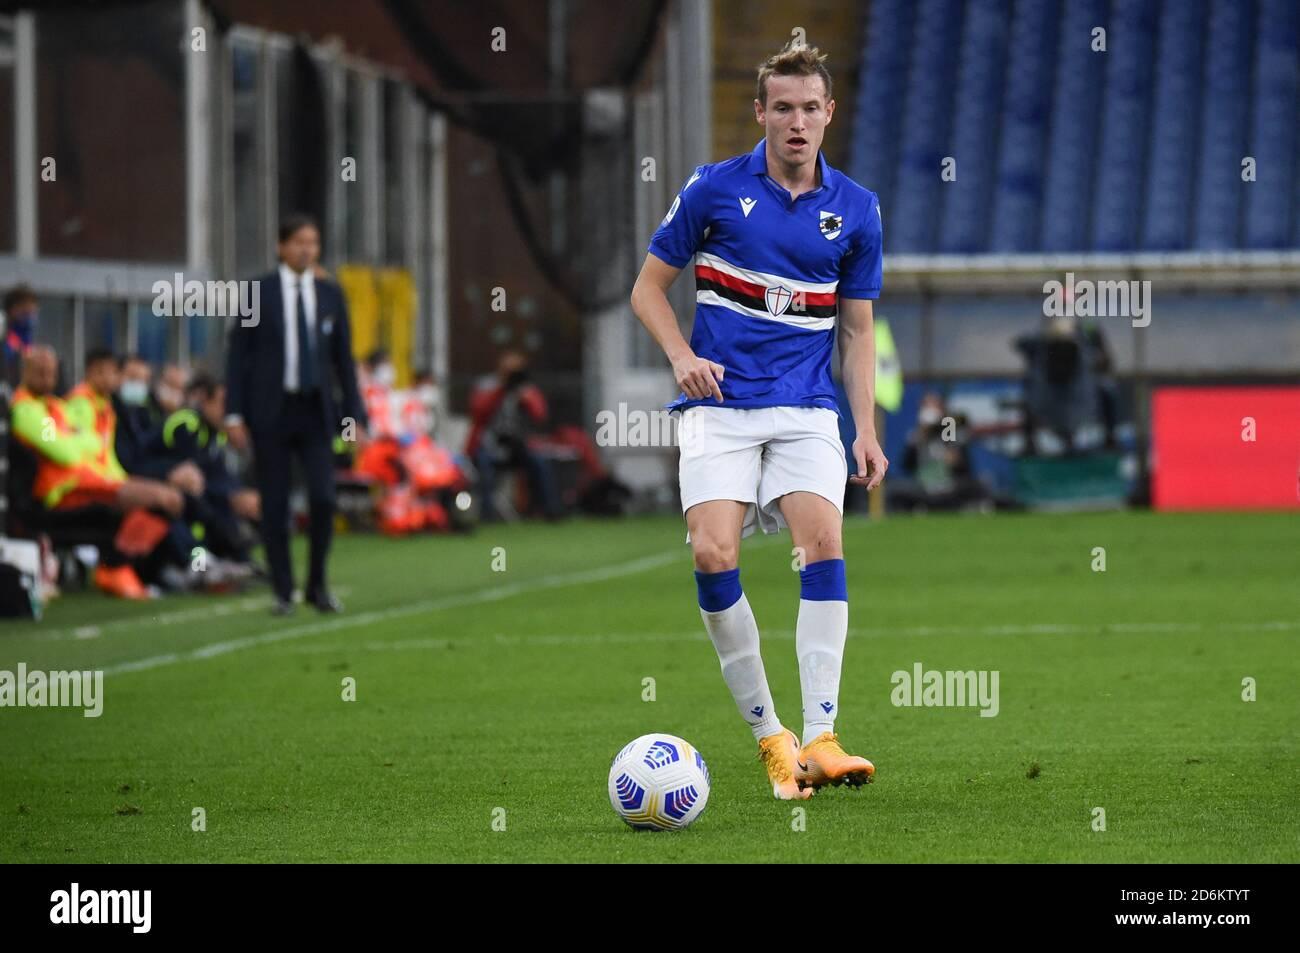 AKUB JANKTO (Sampdoria) pendant Sampdoria vs SS Lazio , italie football série A match, Genova, Italie, 17 Oct 2020 crédit: LM/Danilo Vigo Banque D'Images